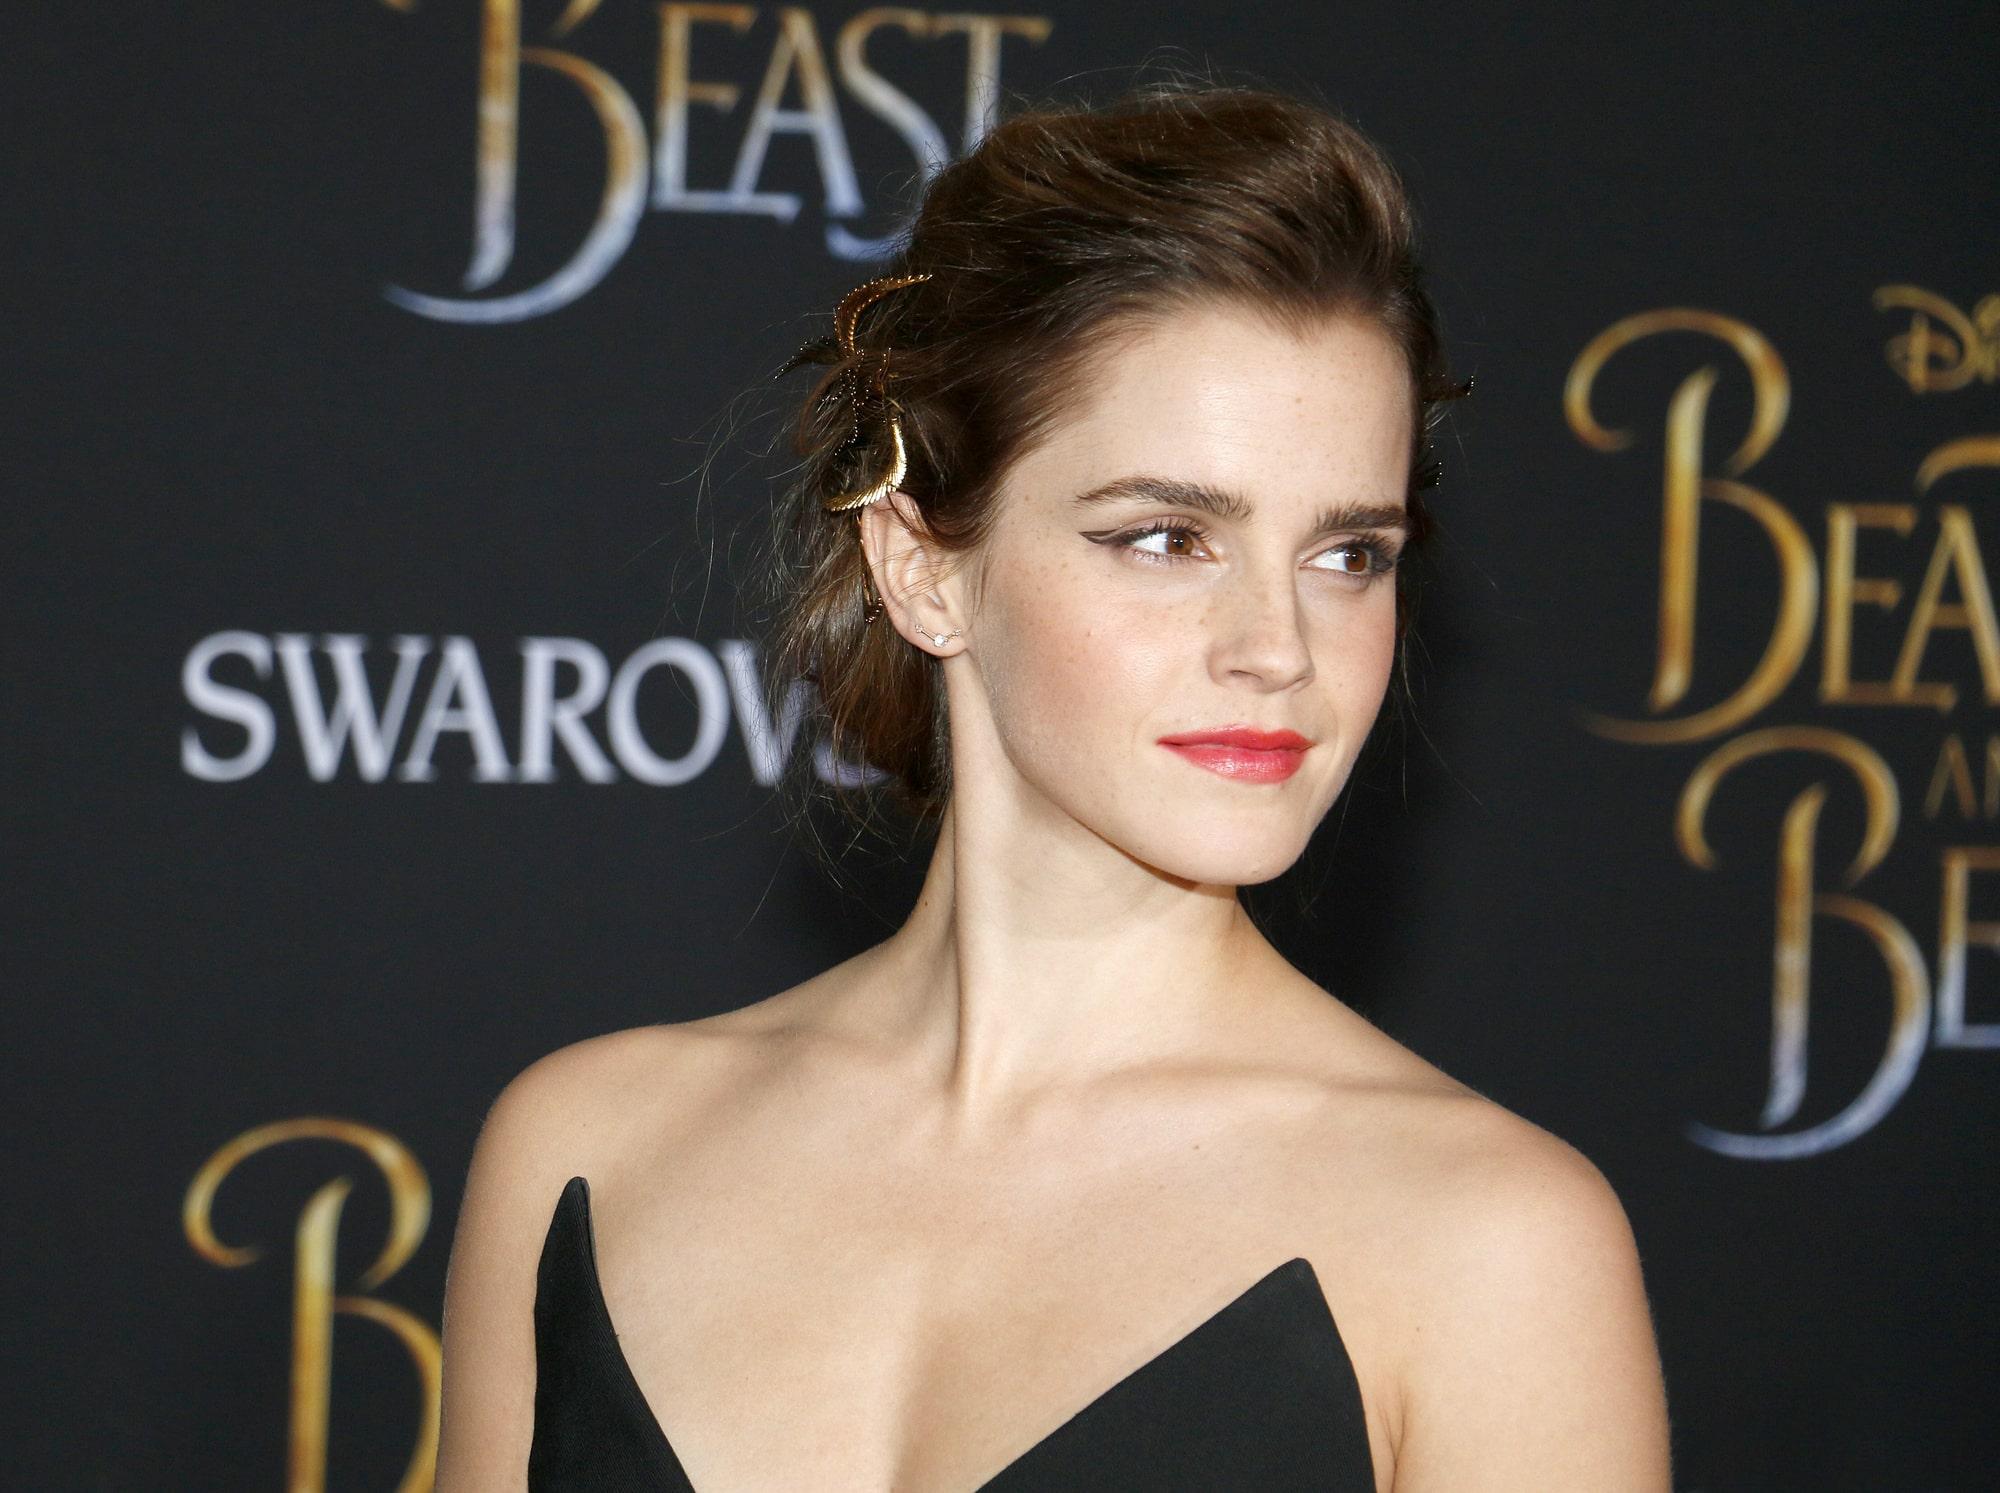 Сет Роген рассказал, почему Эмма Уотсон ушла со съемочной площадки фильма «Конец света 2013: Апокалипсис по-голливудски»